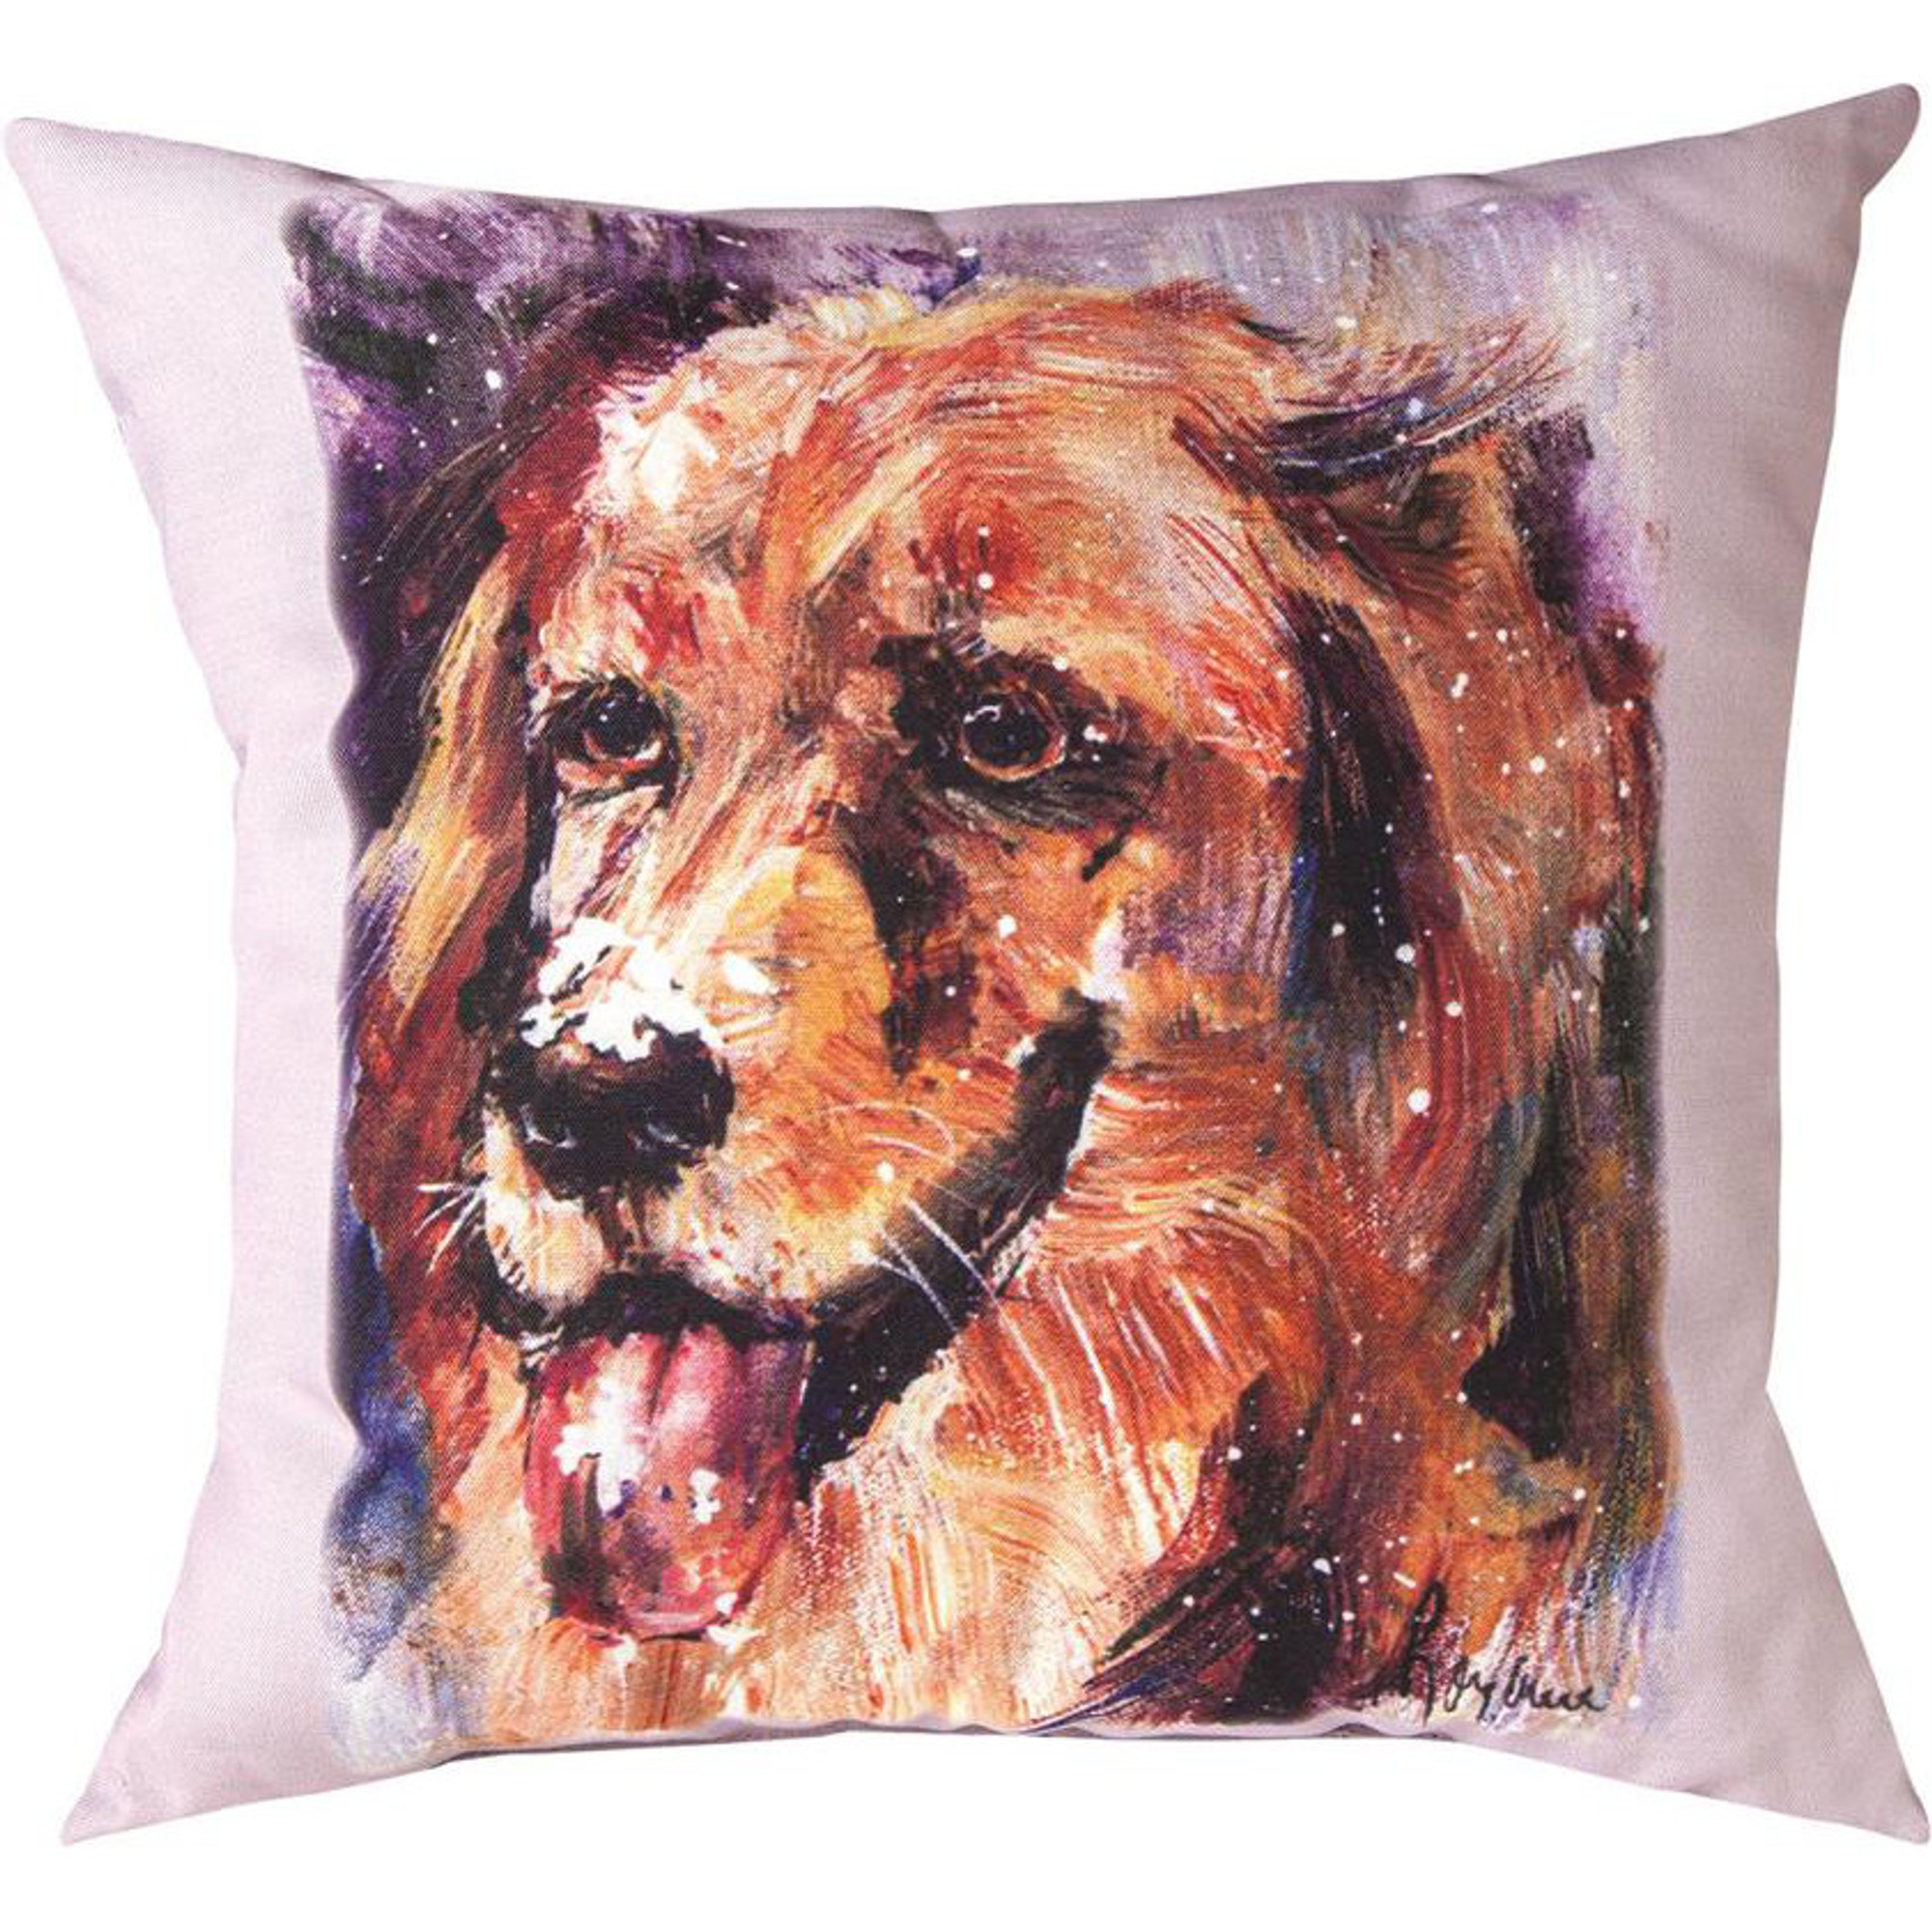 Golden Retriever Pet Love Throw Pillow Manual Woodworkers Golden Retriever Pillow